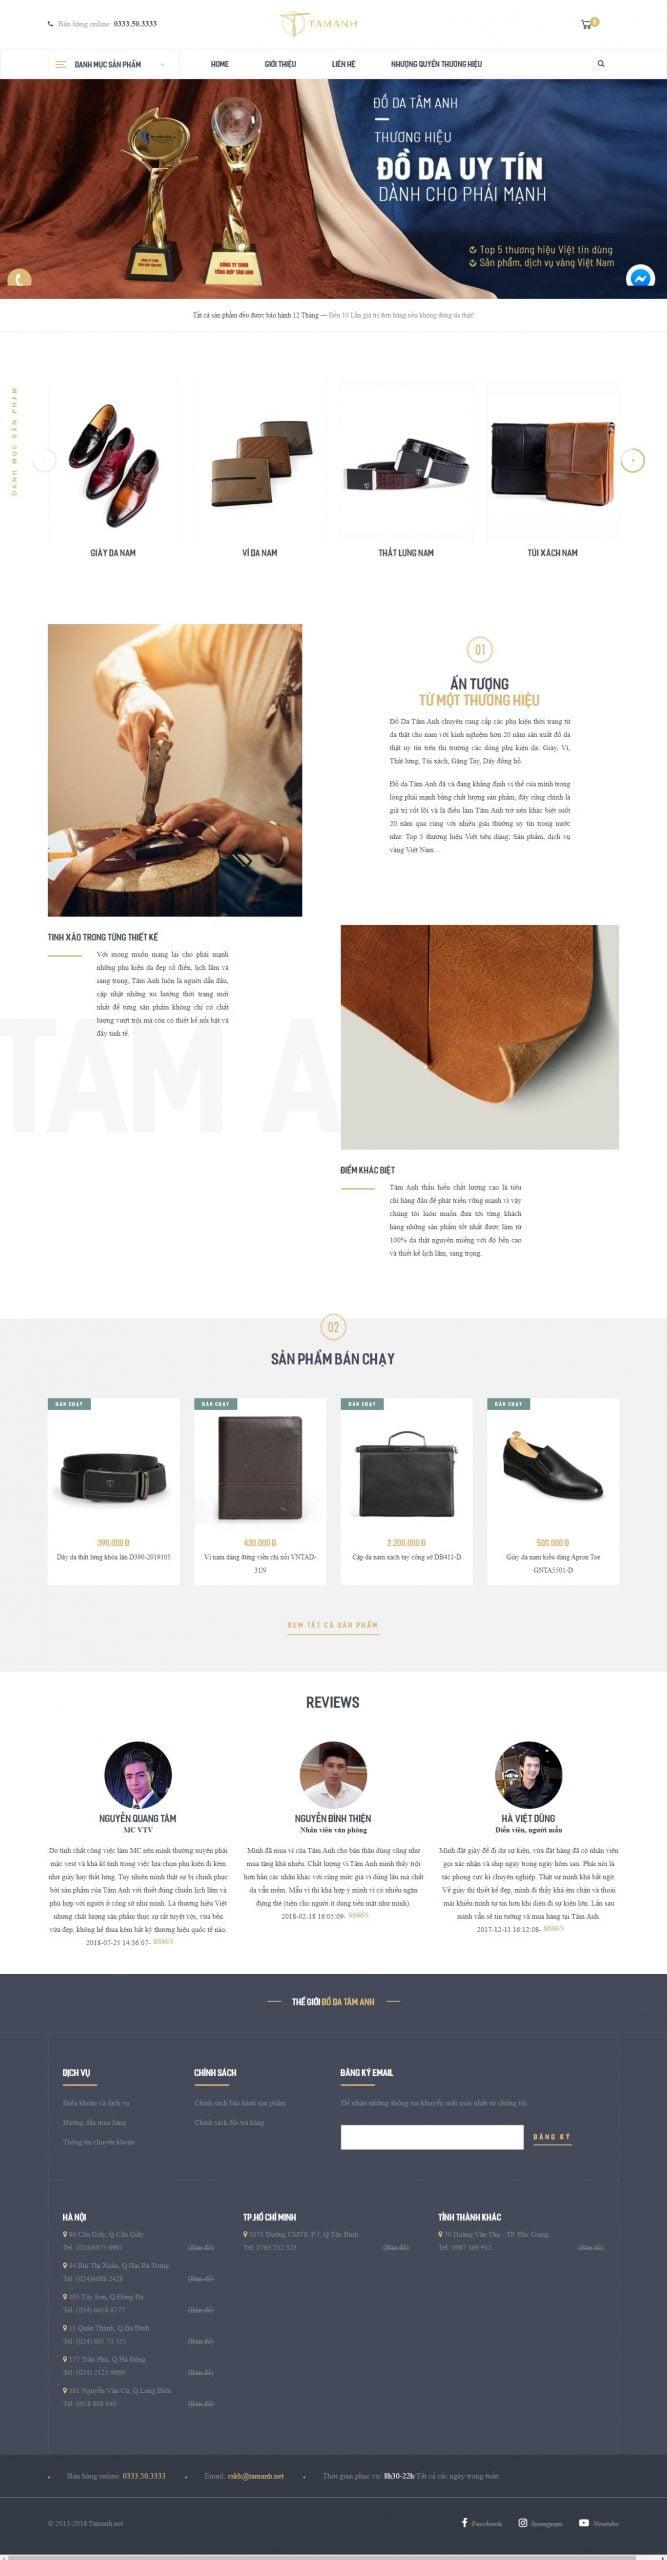 Mẫu thiết kế website bán hàng – tamanh.net Đồ da Tâm Anh – Chuyên cung cấp phụ kiện nam da thật 100% trên Toàn Quốc